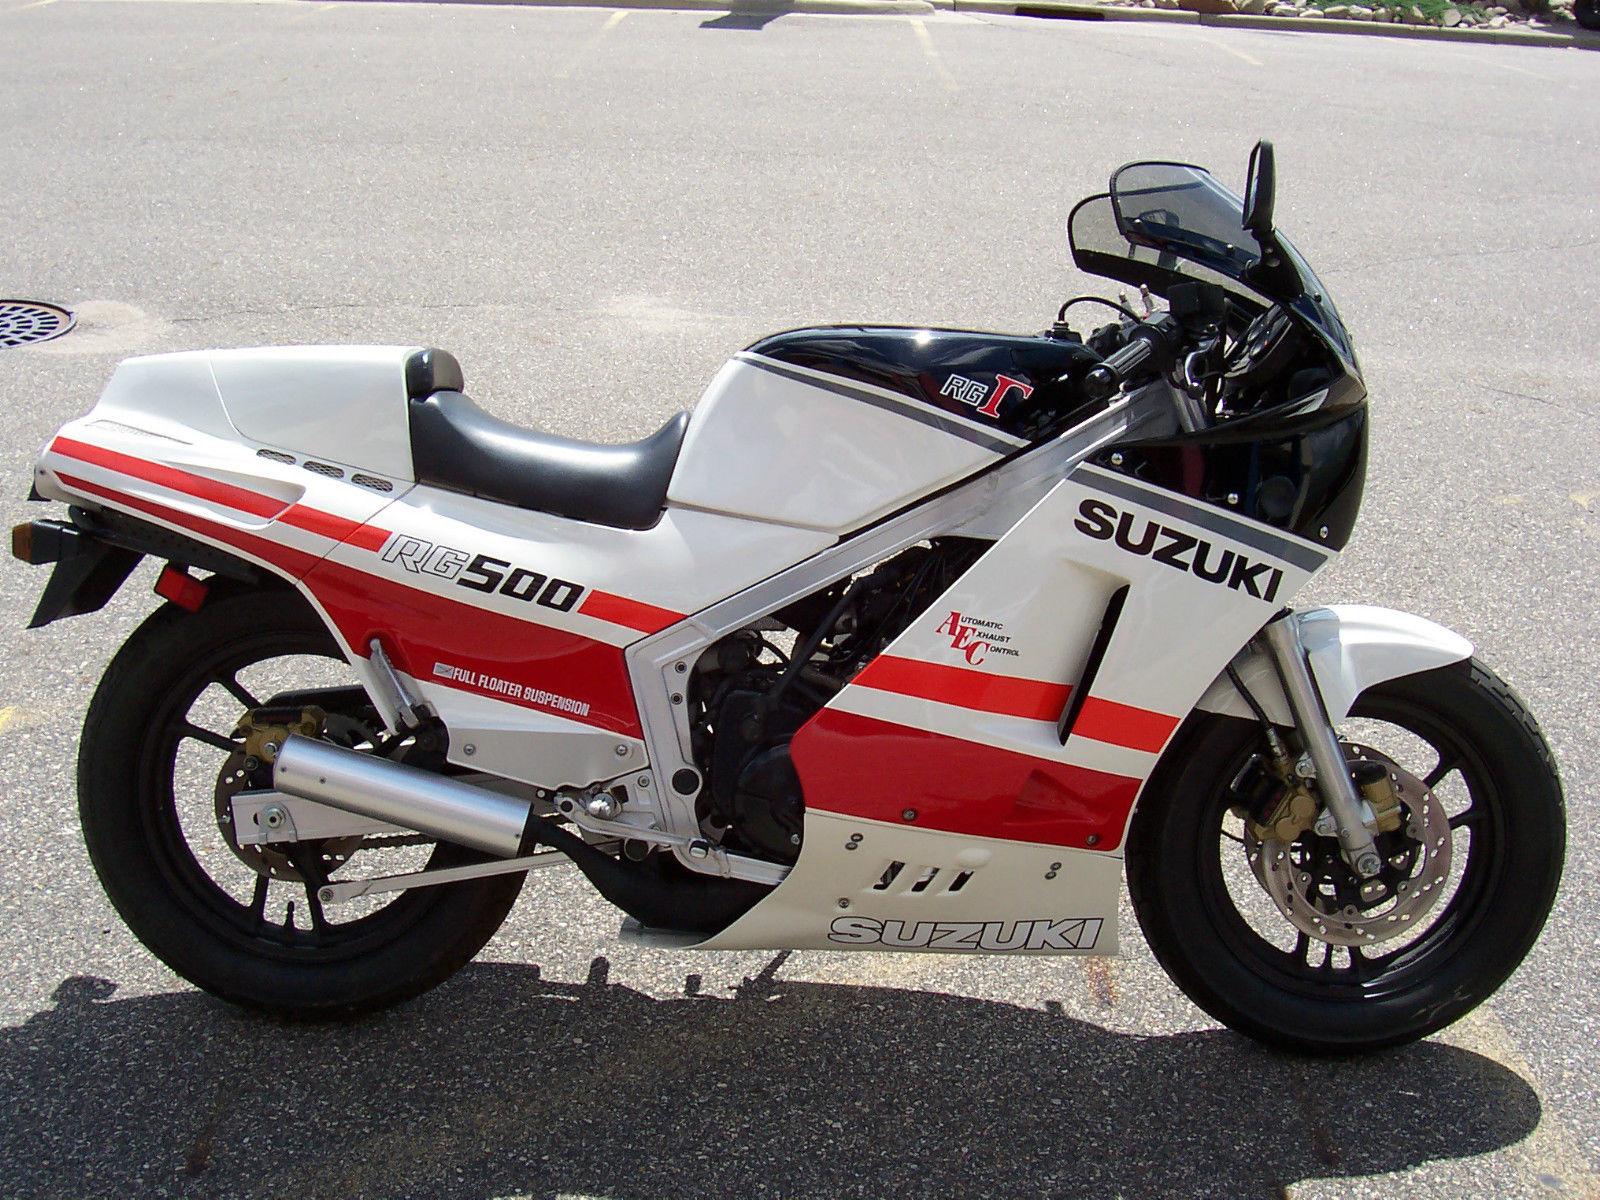 Suzuki Rg500 For Sale Suzuki Rg500 Gamma Right